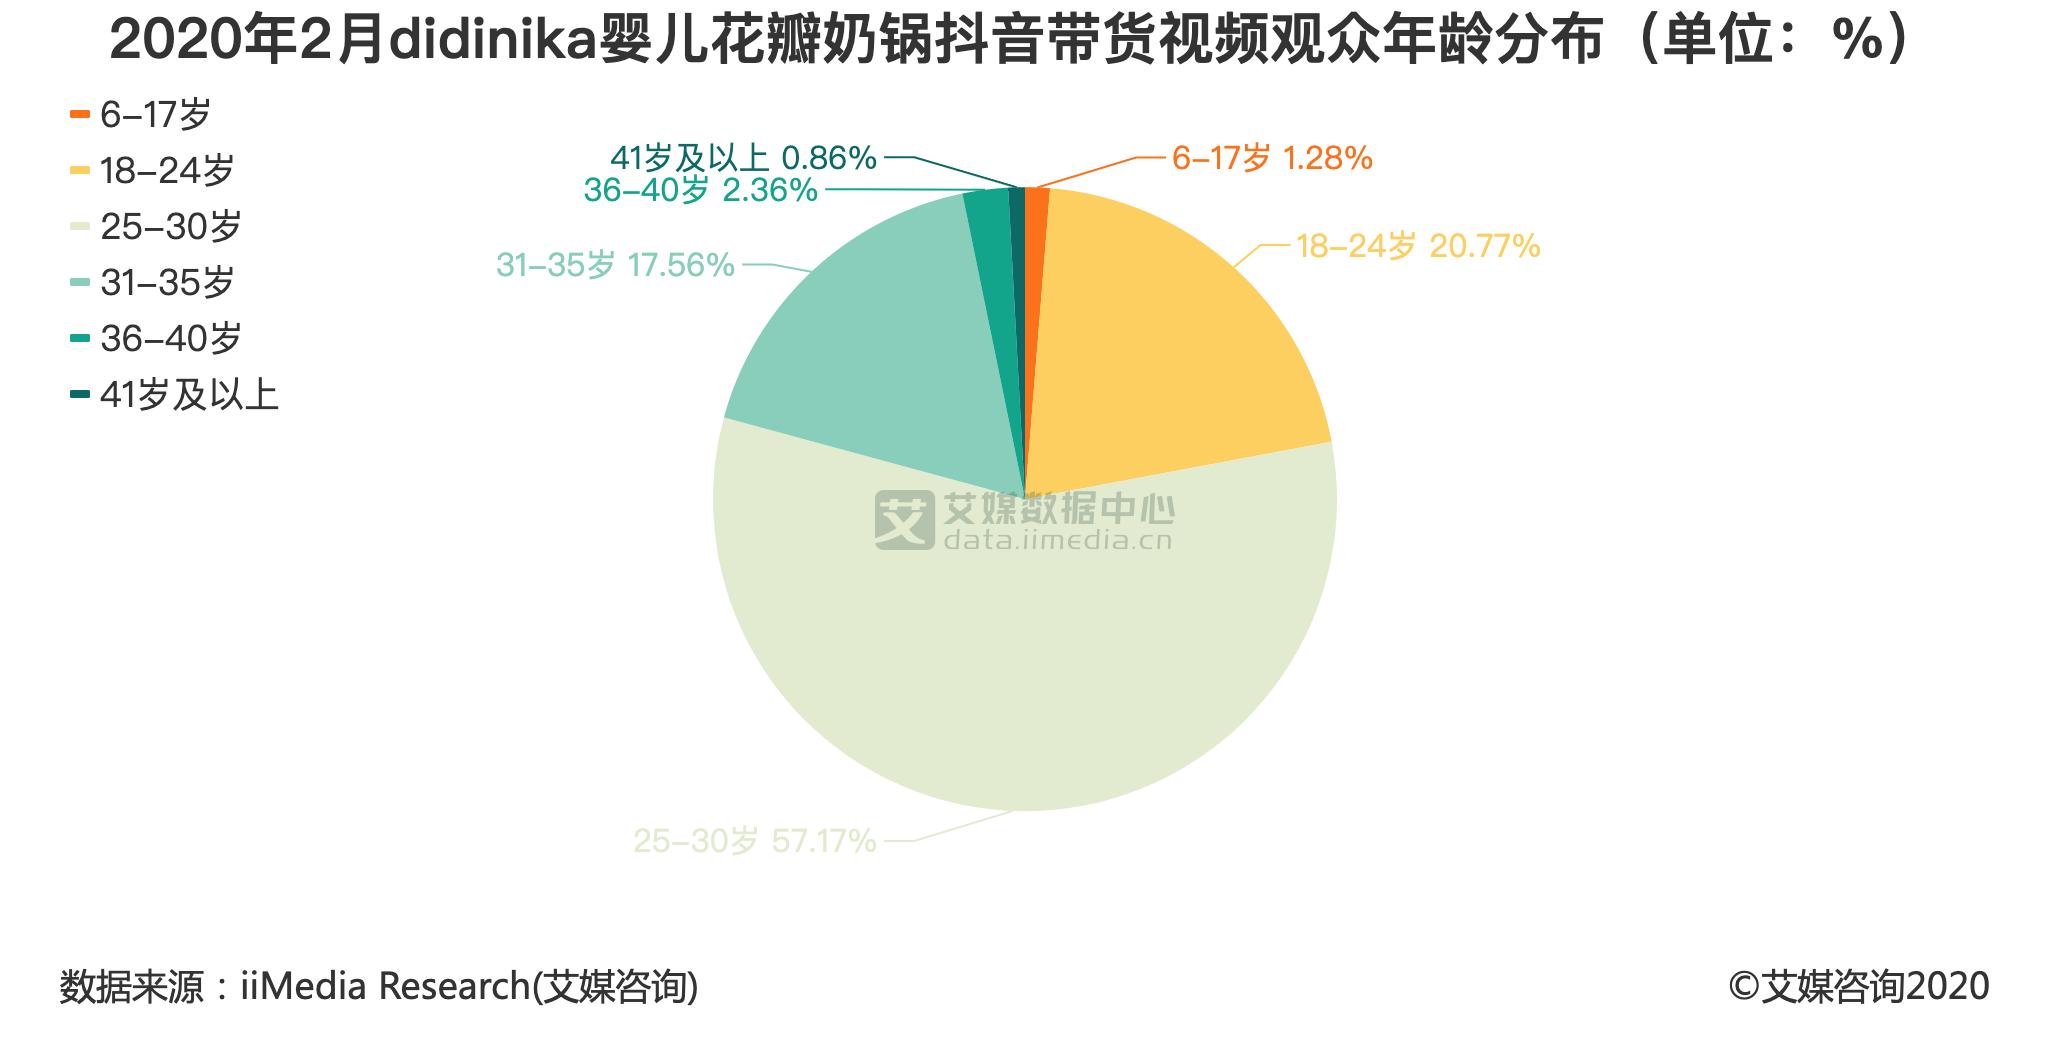 2020年2月didinika婴儿花瓣奶锅抖音带货视频观众年龄分布(单位:%)